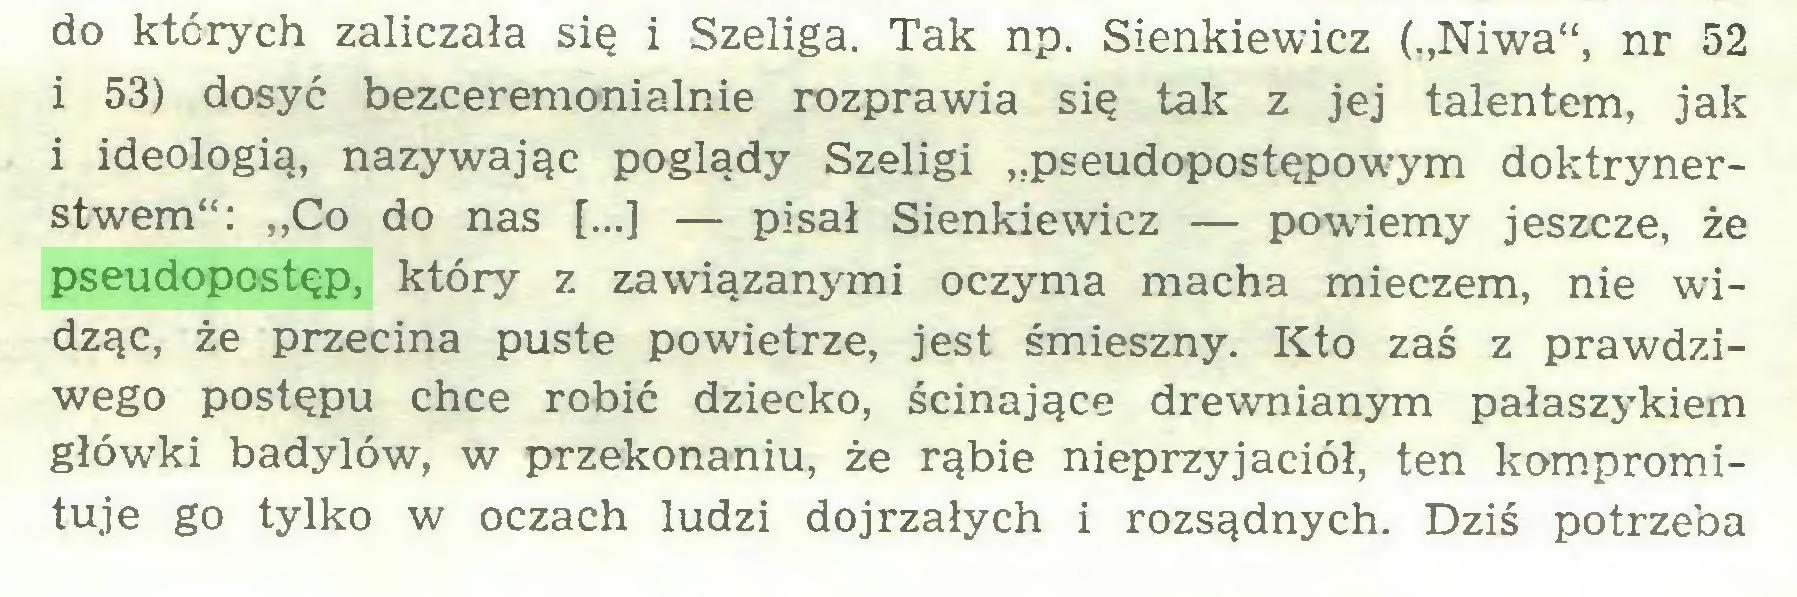 """(...) do których zaliczała się i Szeliga. Tak np. Sienkiewicz (""""Niwa"""", nr 52 i 53) dosyć bezceremonialnie rozprawia się tak z jej talentem, jak i ideologią, nazywając poglądy Szeligi """"pseudopostępowym doktrynerstwem"""": ,,Co do nas [...] — pisał Sienkiewicz — powiemy jeszcze, że pseudopostęp, który z zawiązanjuni oczyma macha mieczem, nie widząc, że przecina puste powietrze, jest śmieszny. Kto zaś z prawdziwego postępu chce robić dziecko, ścinające drewnianym pałaszykiem główki badylów, w przekonaniu, że rąbie nieprzyjaciół, ten kompromituje go tylko w oczach ludzi dojrzałych i rozsądnych. Dziś potrzeba..."""